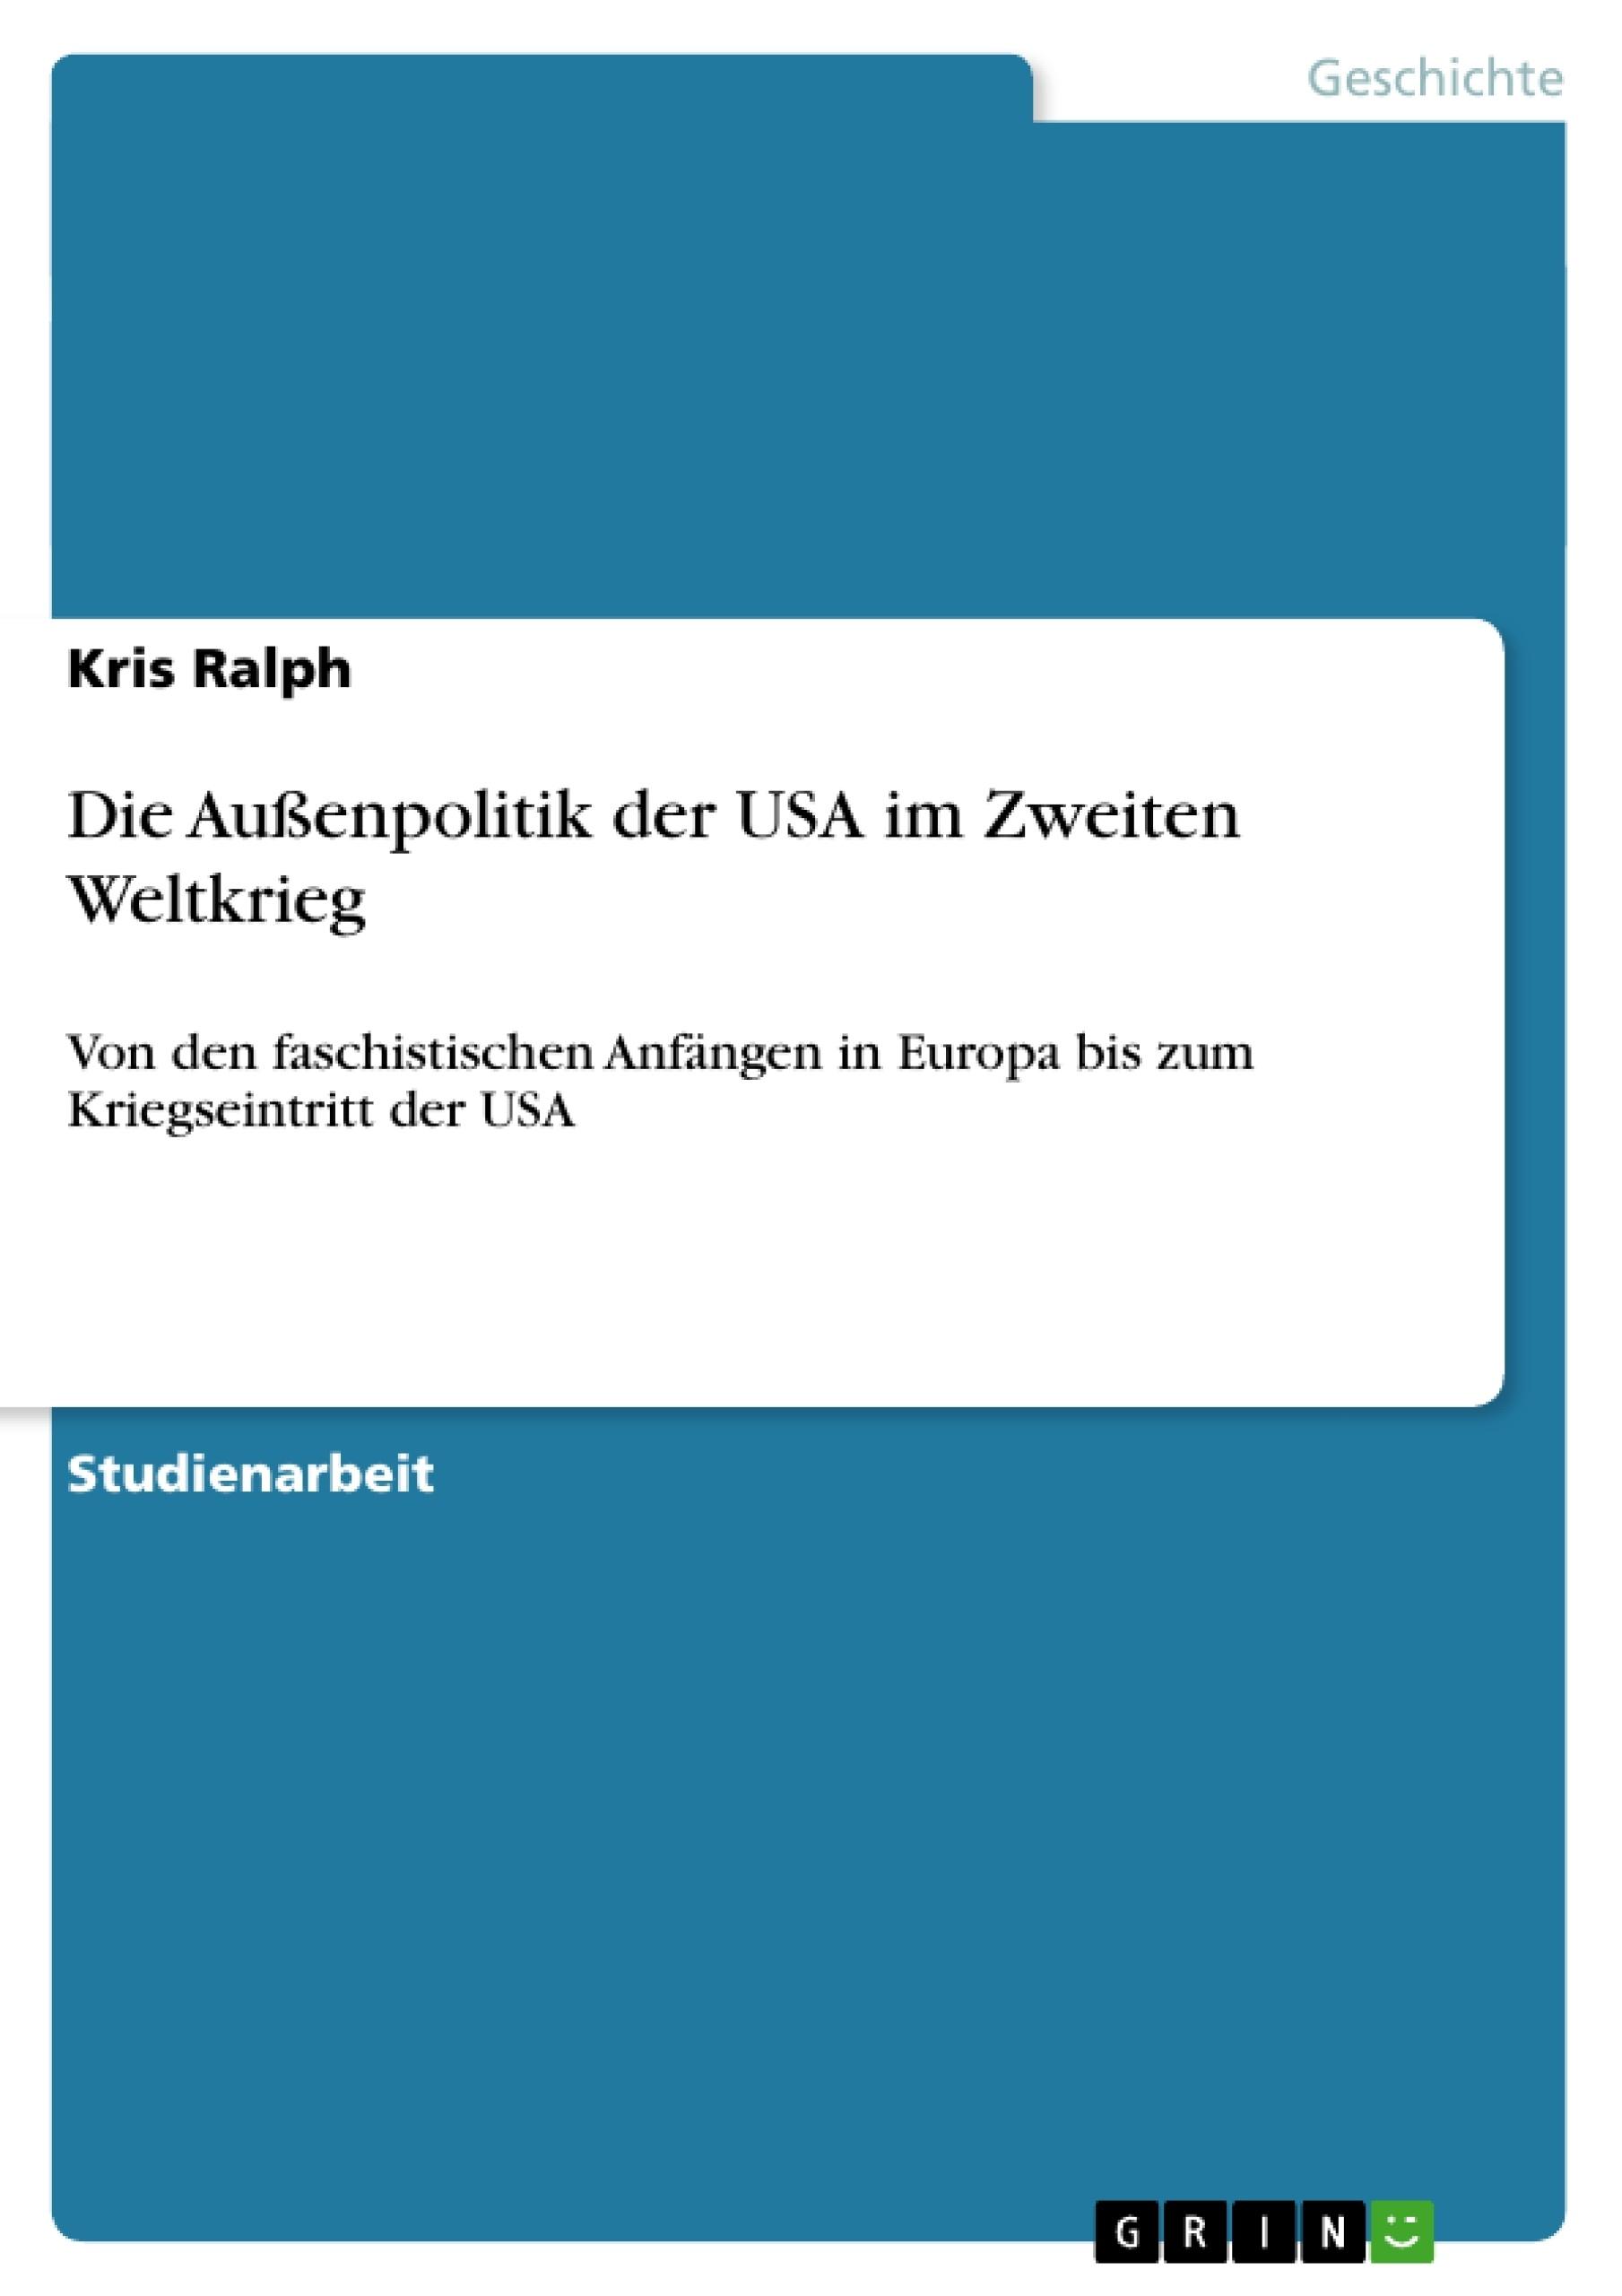 Titel: Die Außenpolitik der USA im Zweiten Weltkrieg